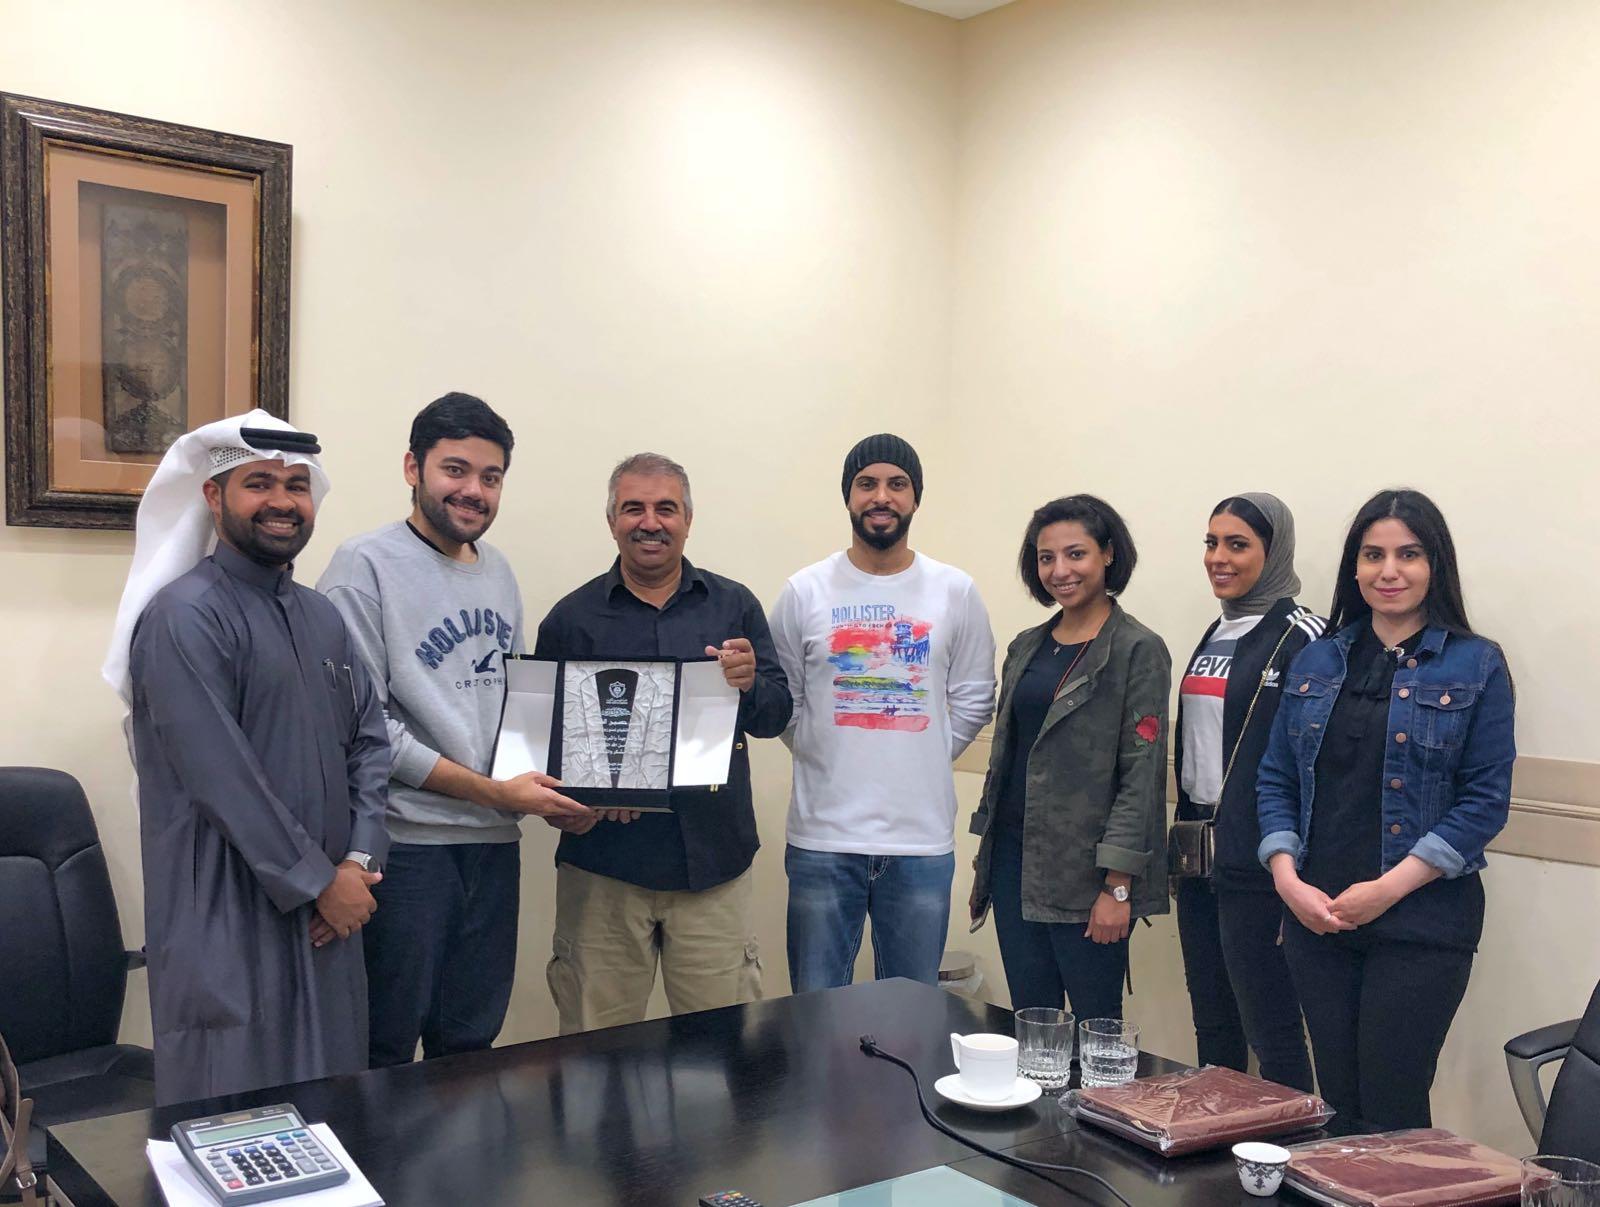 نظمت لجنة العلاقات العامة زيارة ميدانية الي مصنع الخليج للزجاج